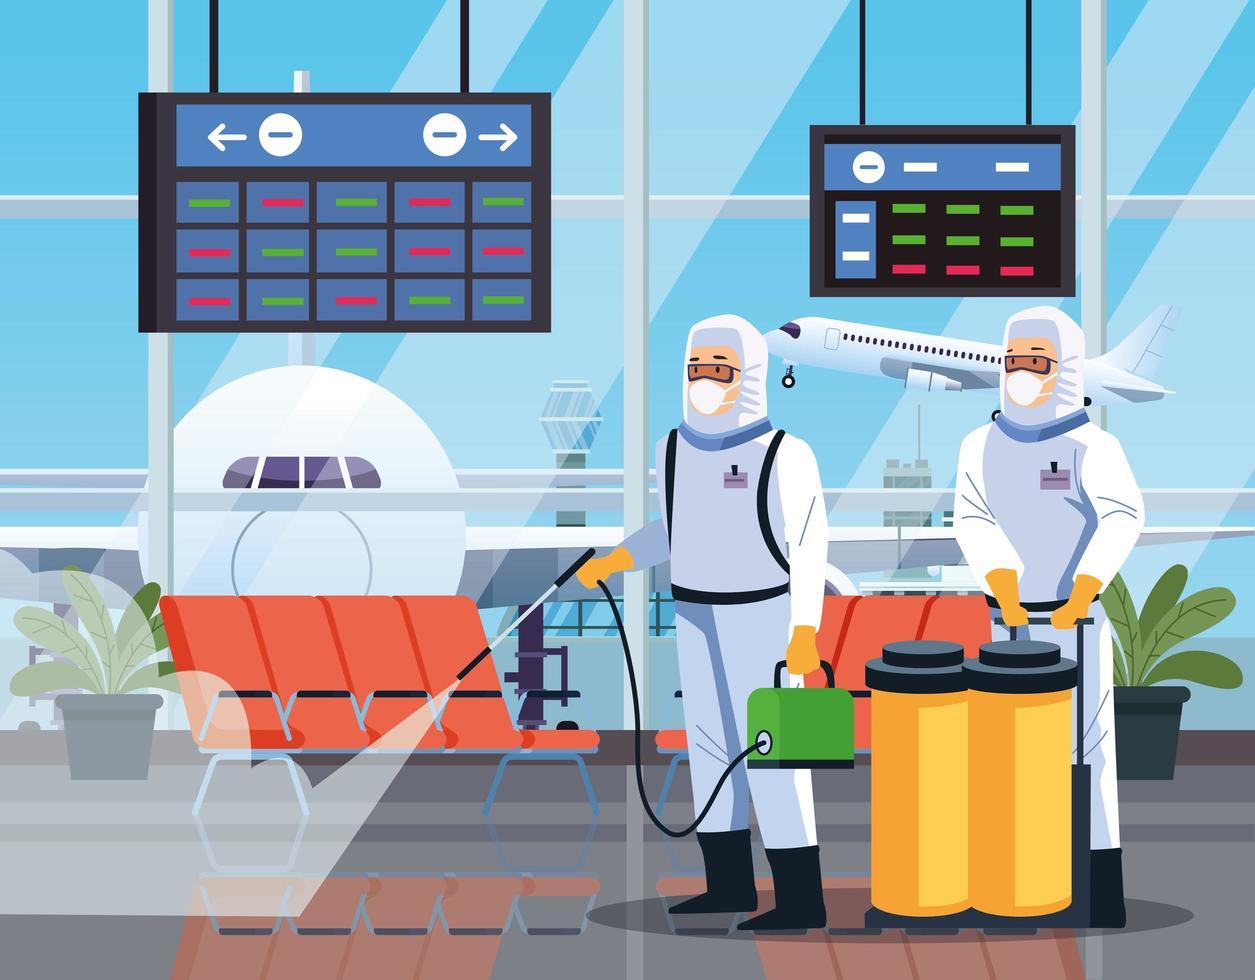 vissa biosäkerhetsanställda desinficerar flygplatsen för coronavirus vektor